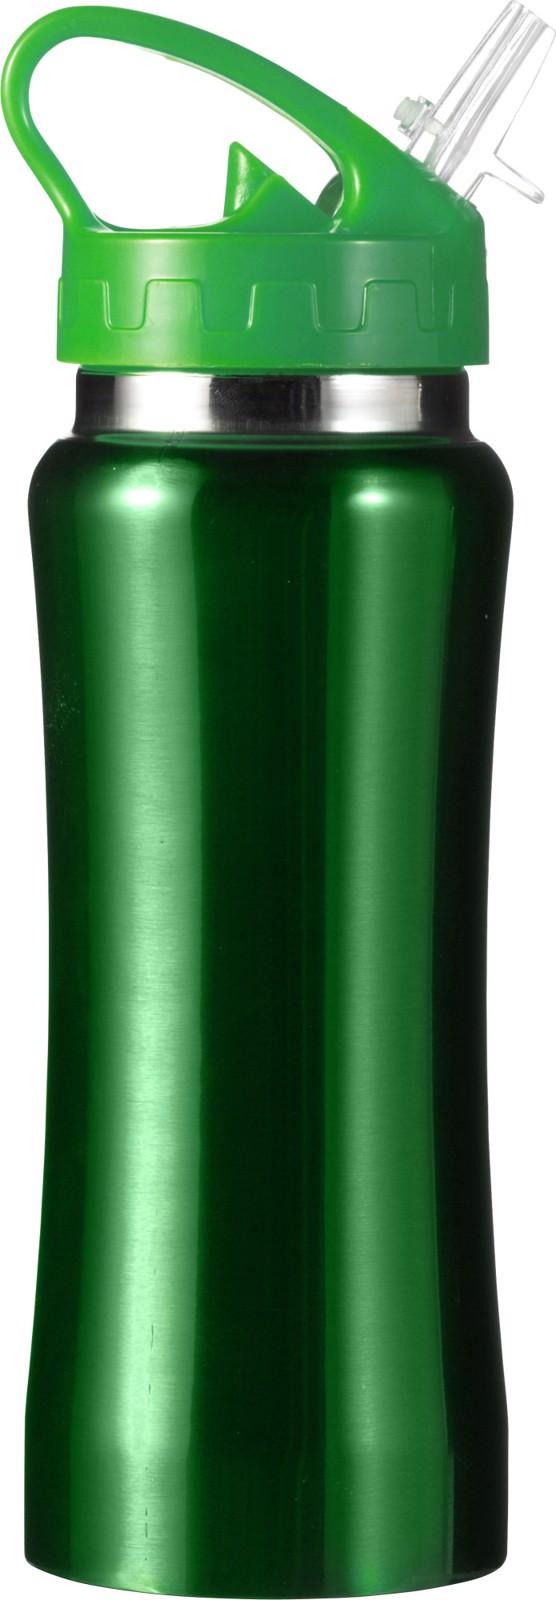 Stainless steel bottle - Green